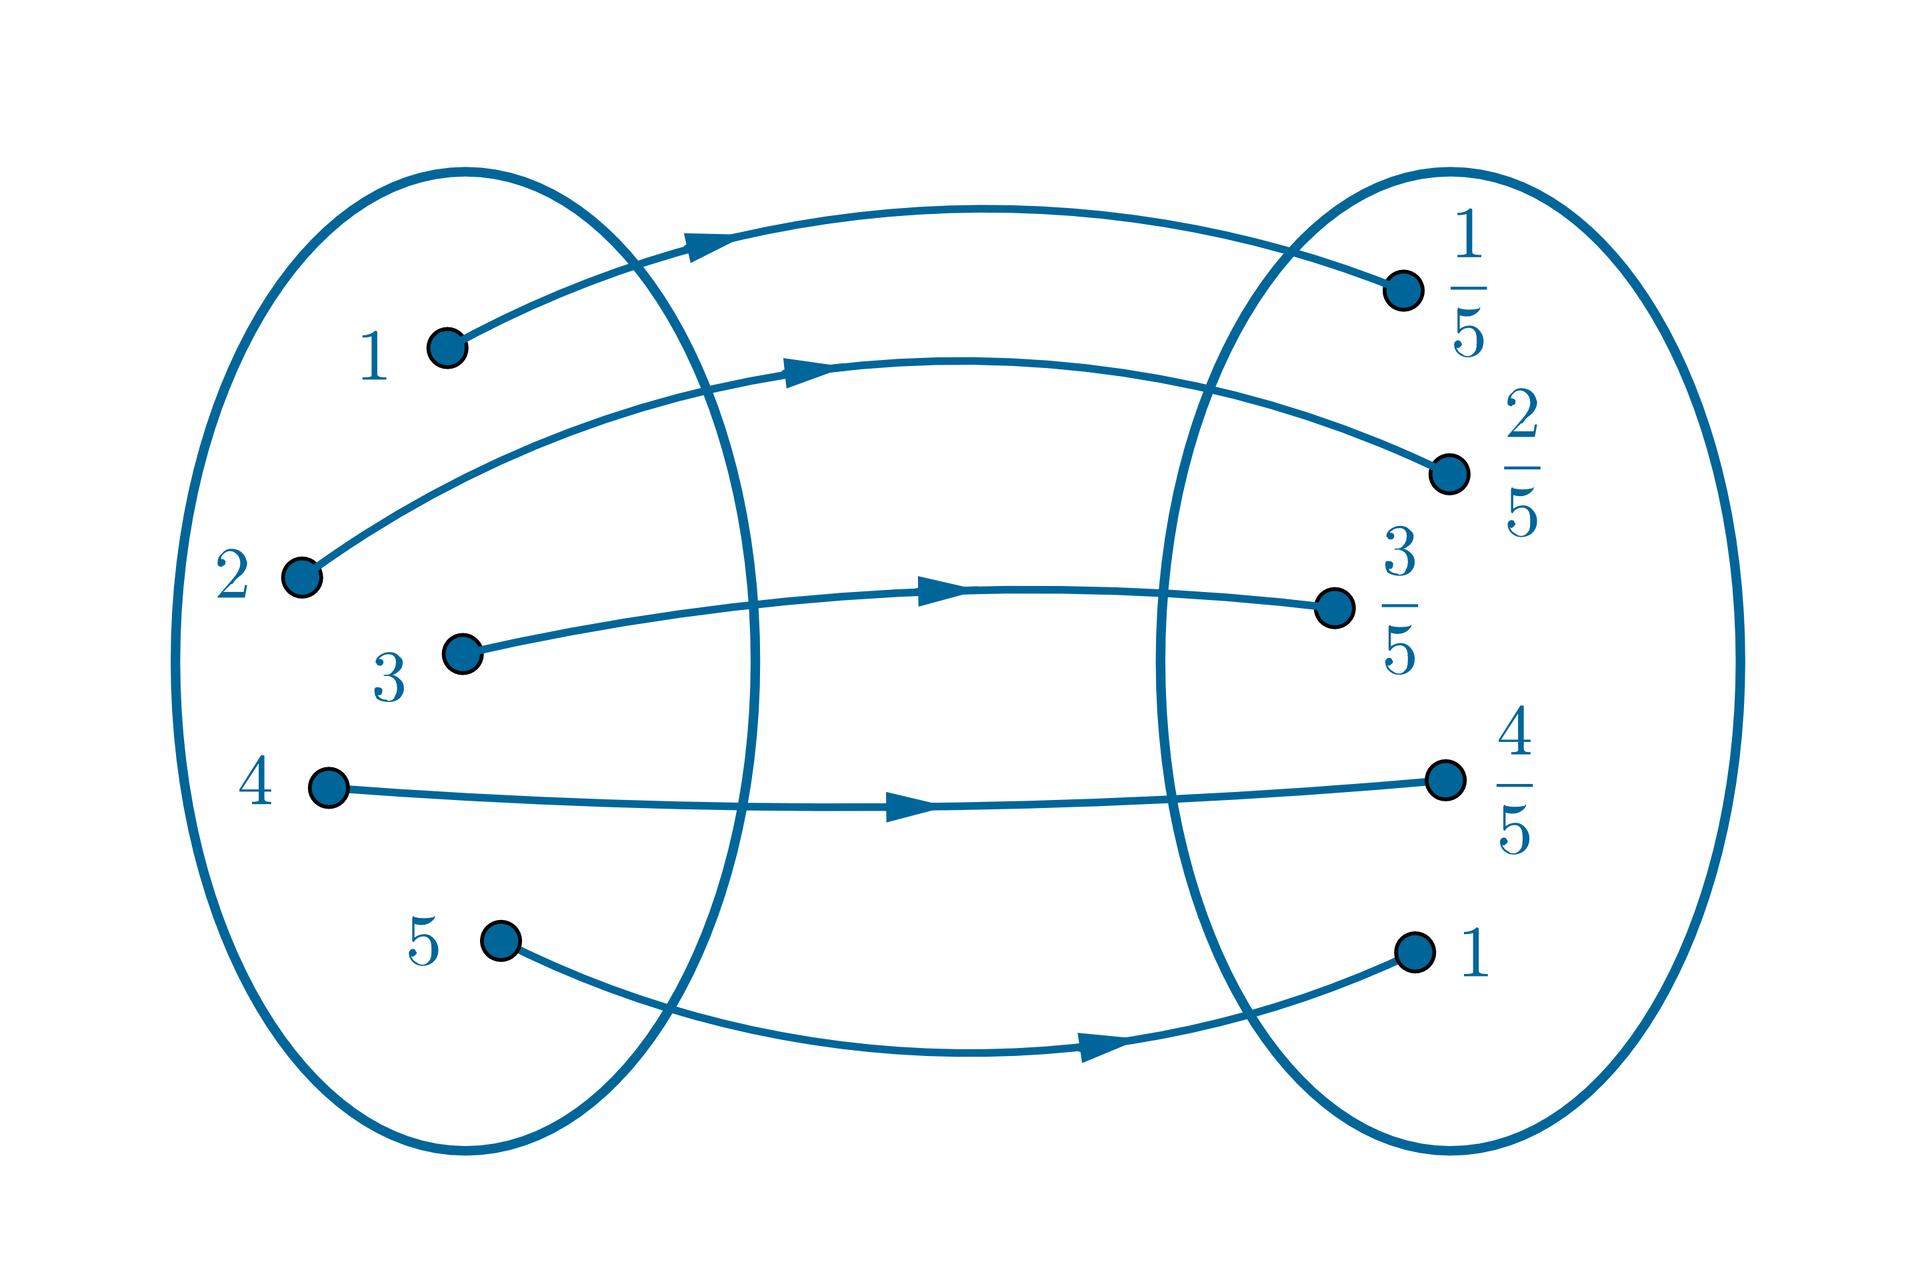 Graf jest rozwiązaniem zadania. Argumentowi 1 przyporządkowano wartość jedna piąta. Argumentowi 2 przyporządkowano wartość dwie piąte. Argumentowi 3 przyporządkowano wartość trzy piąte. Argumentowi 4 przyporządkowano wartość cztery piąte. Argumentowi 5 przyporządkowano wartość 1.